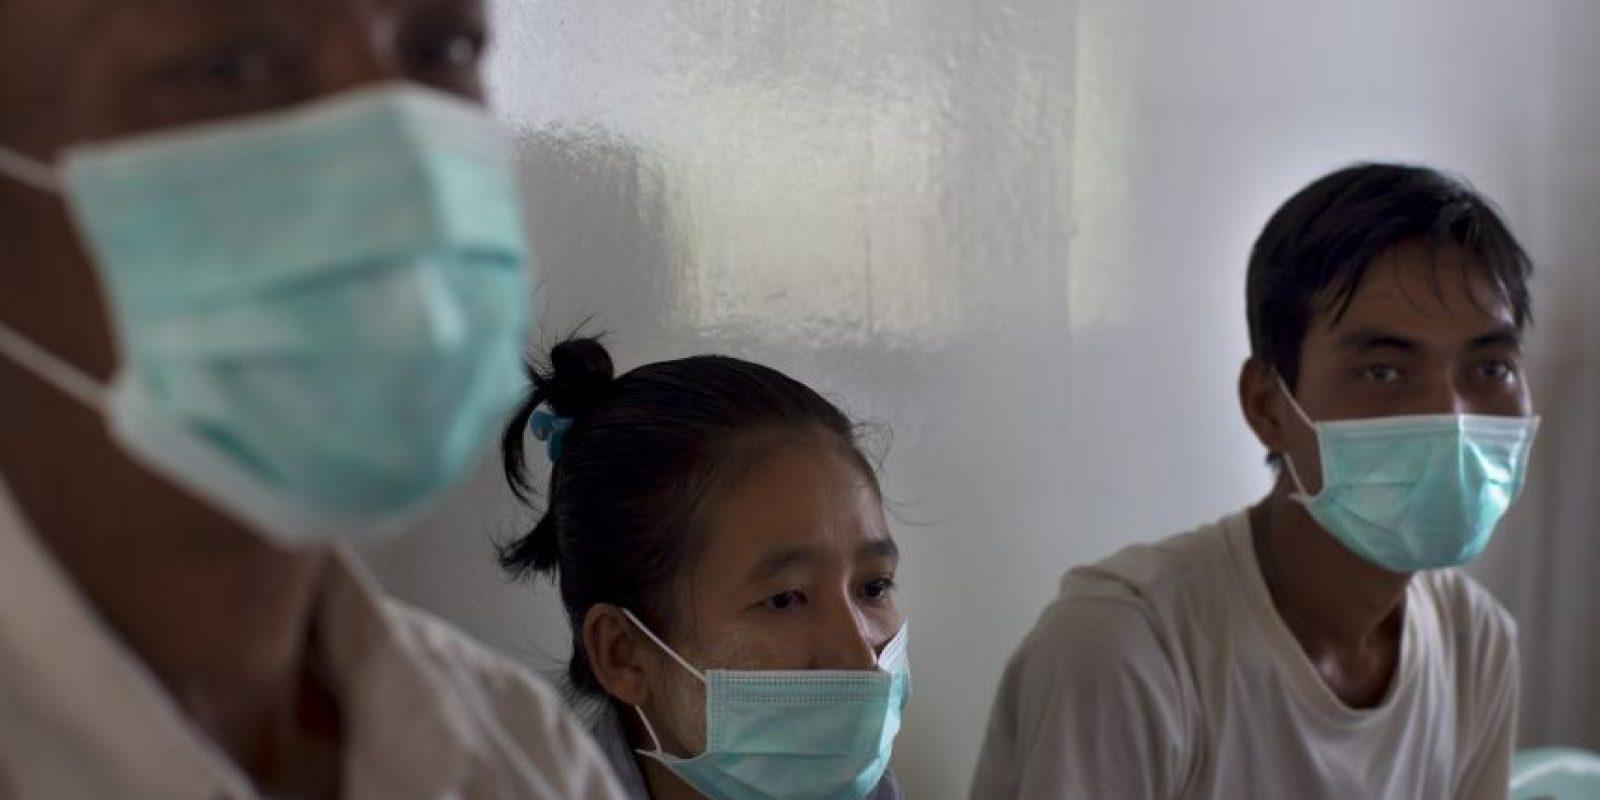 """Mito 6: """"Una persona puede adquirir el VIH al estar en contacto con el sudor de una persona con VIH"""". Foto:Getty Images"""